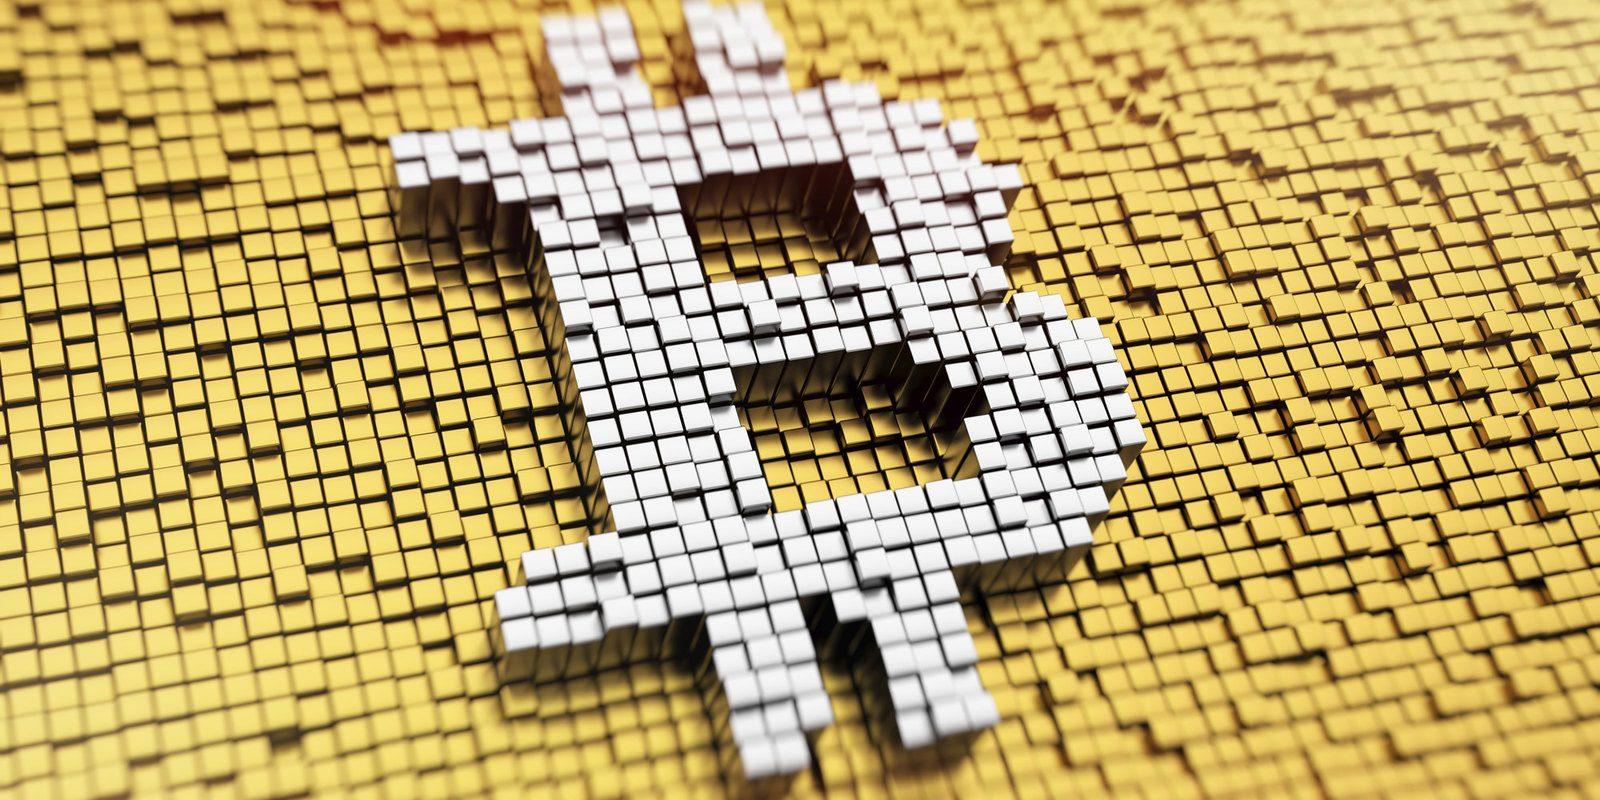 giá bitcoin: Mô hình đồ thị đảo chiều gợi ý xu hướng tăng có thể xảy ra trong những ngày tới